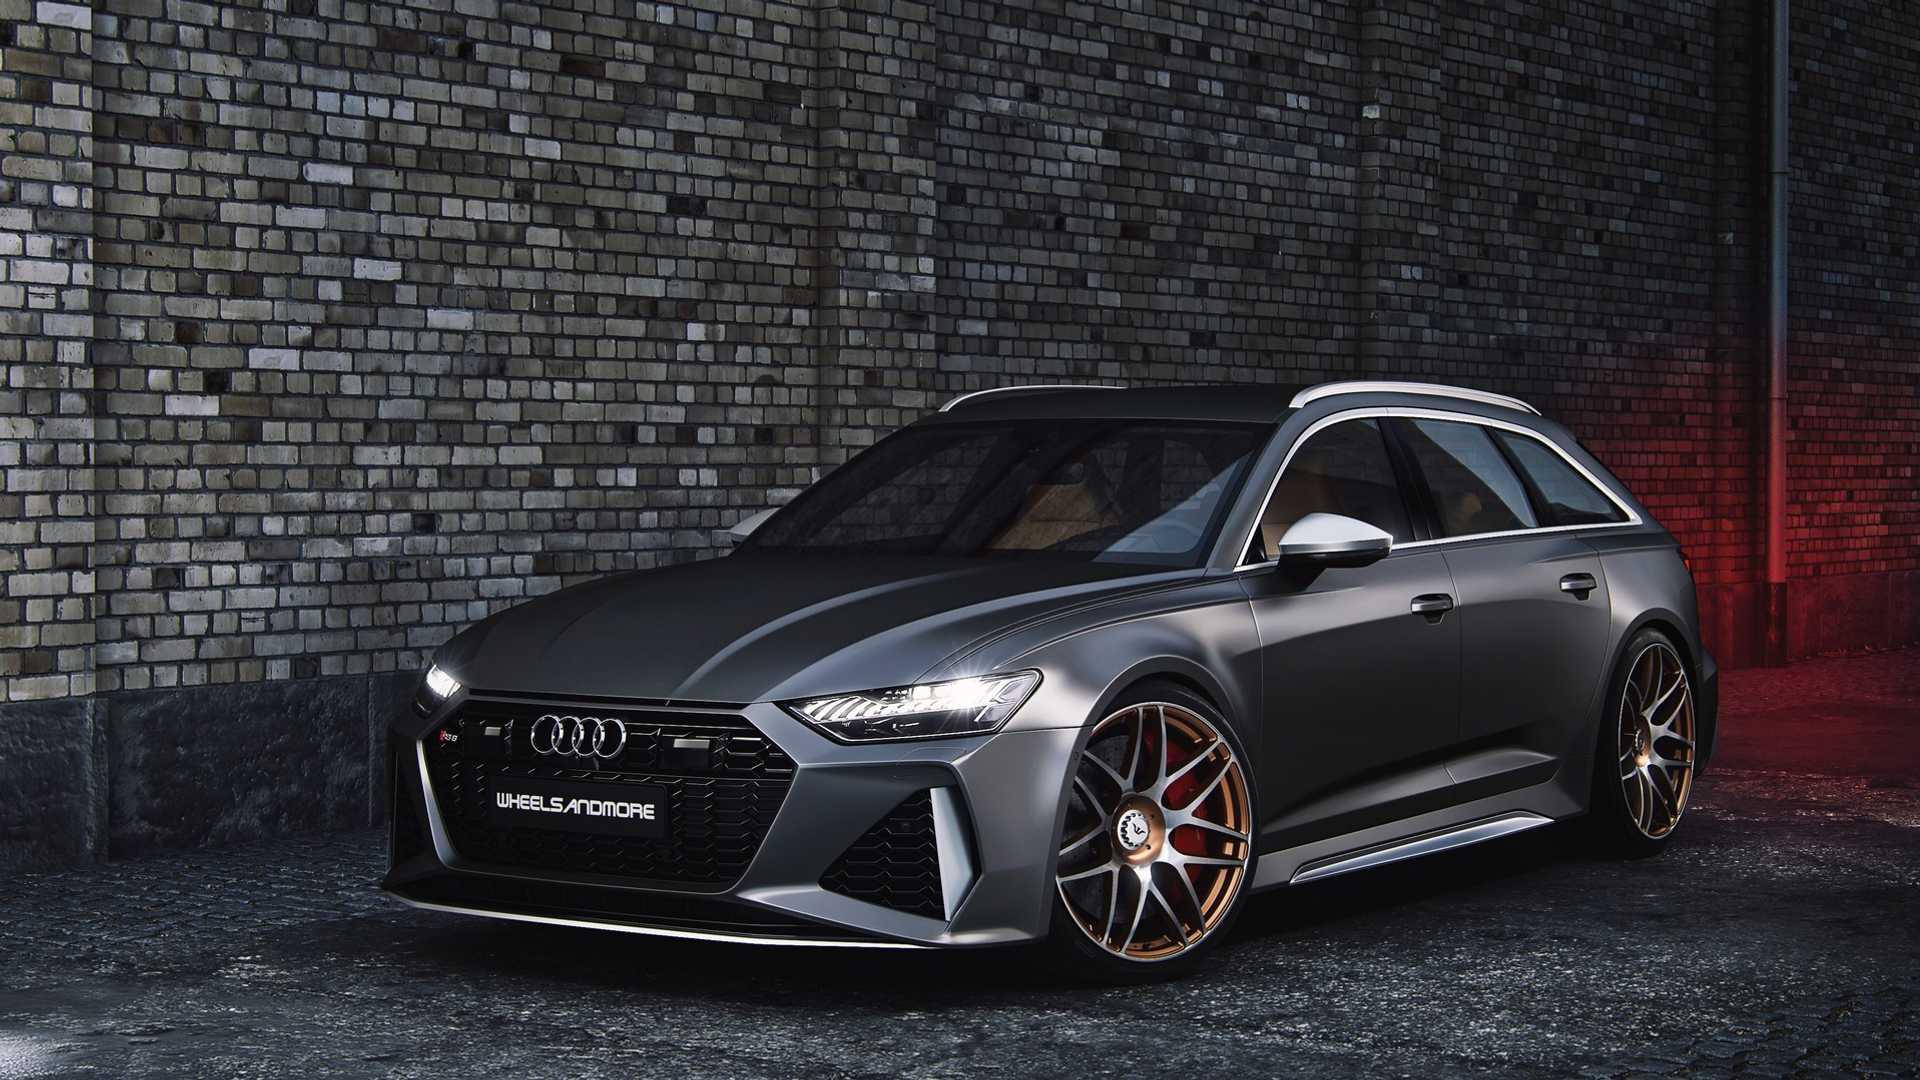 Kelebihan Kekurangan Audi Rs6 Avant Perbandingan Harga